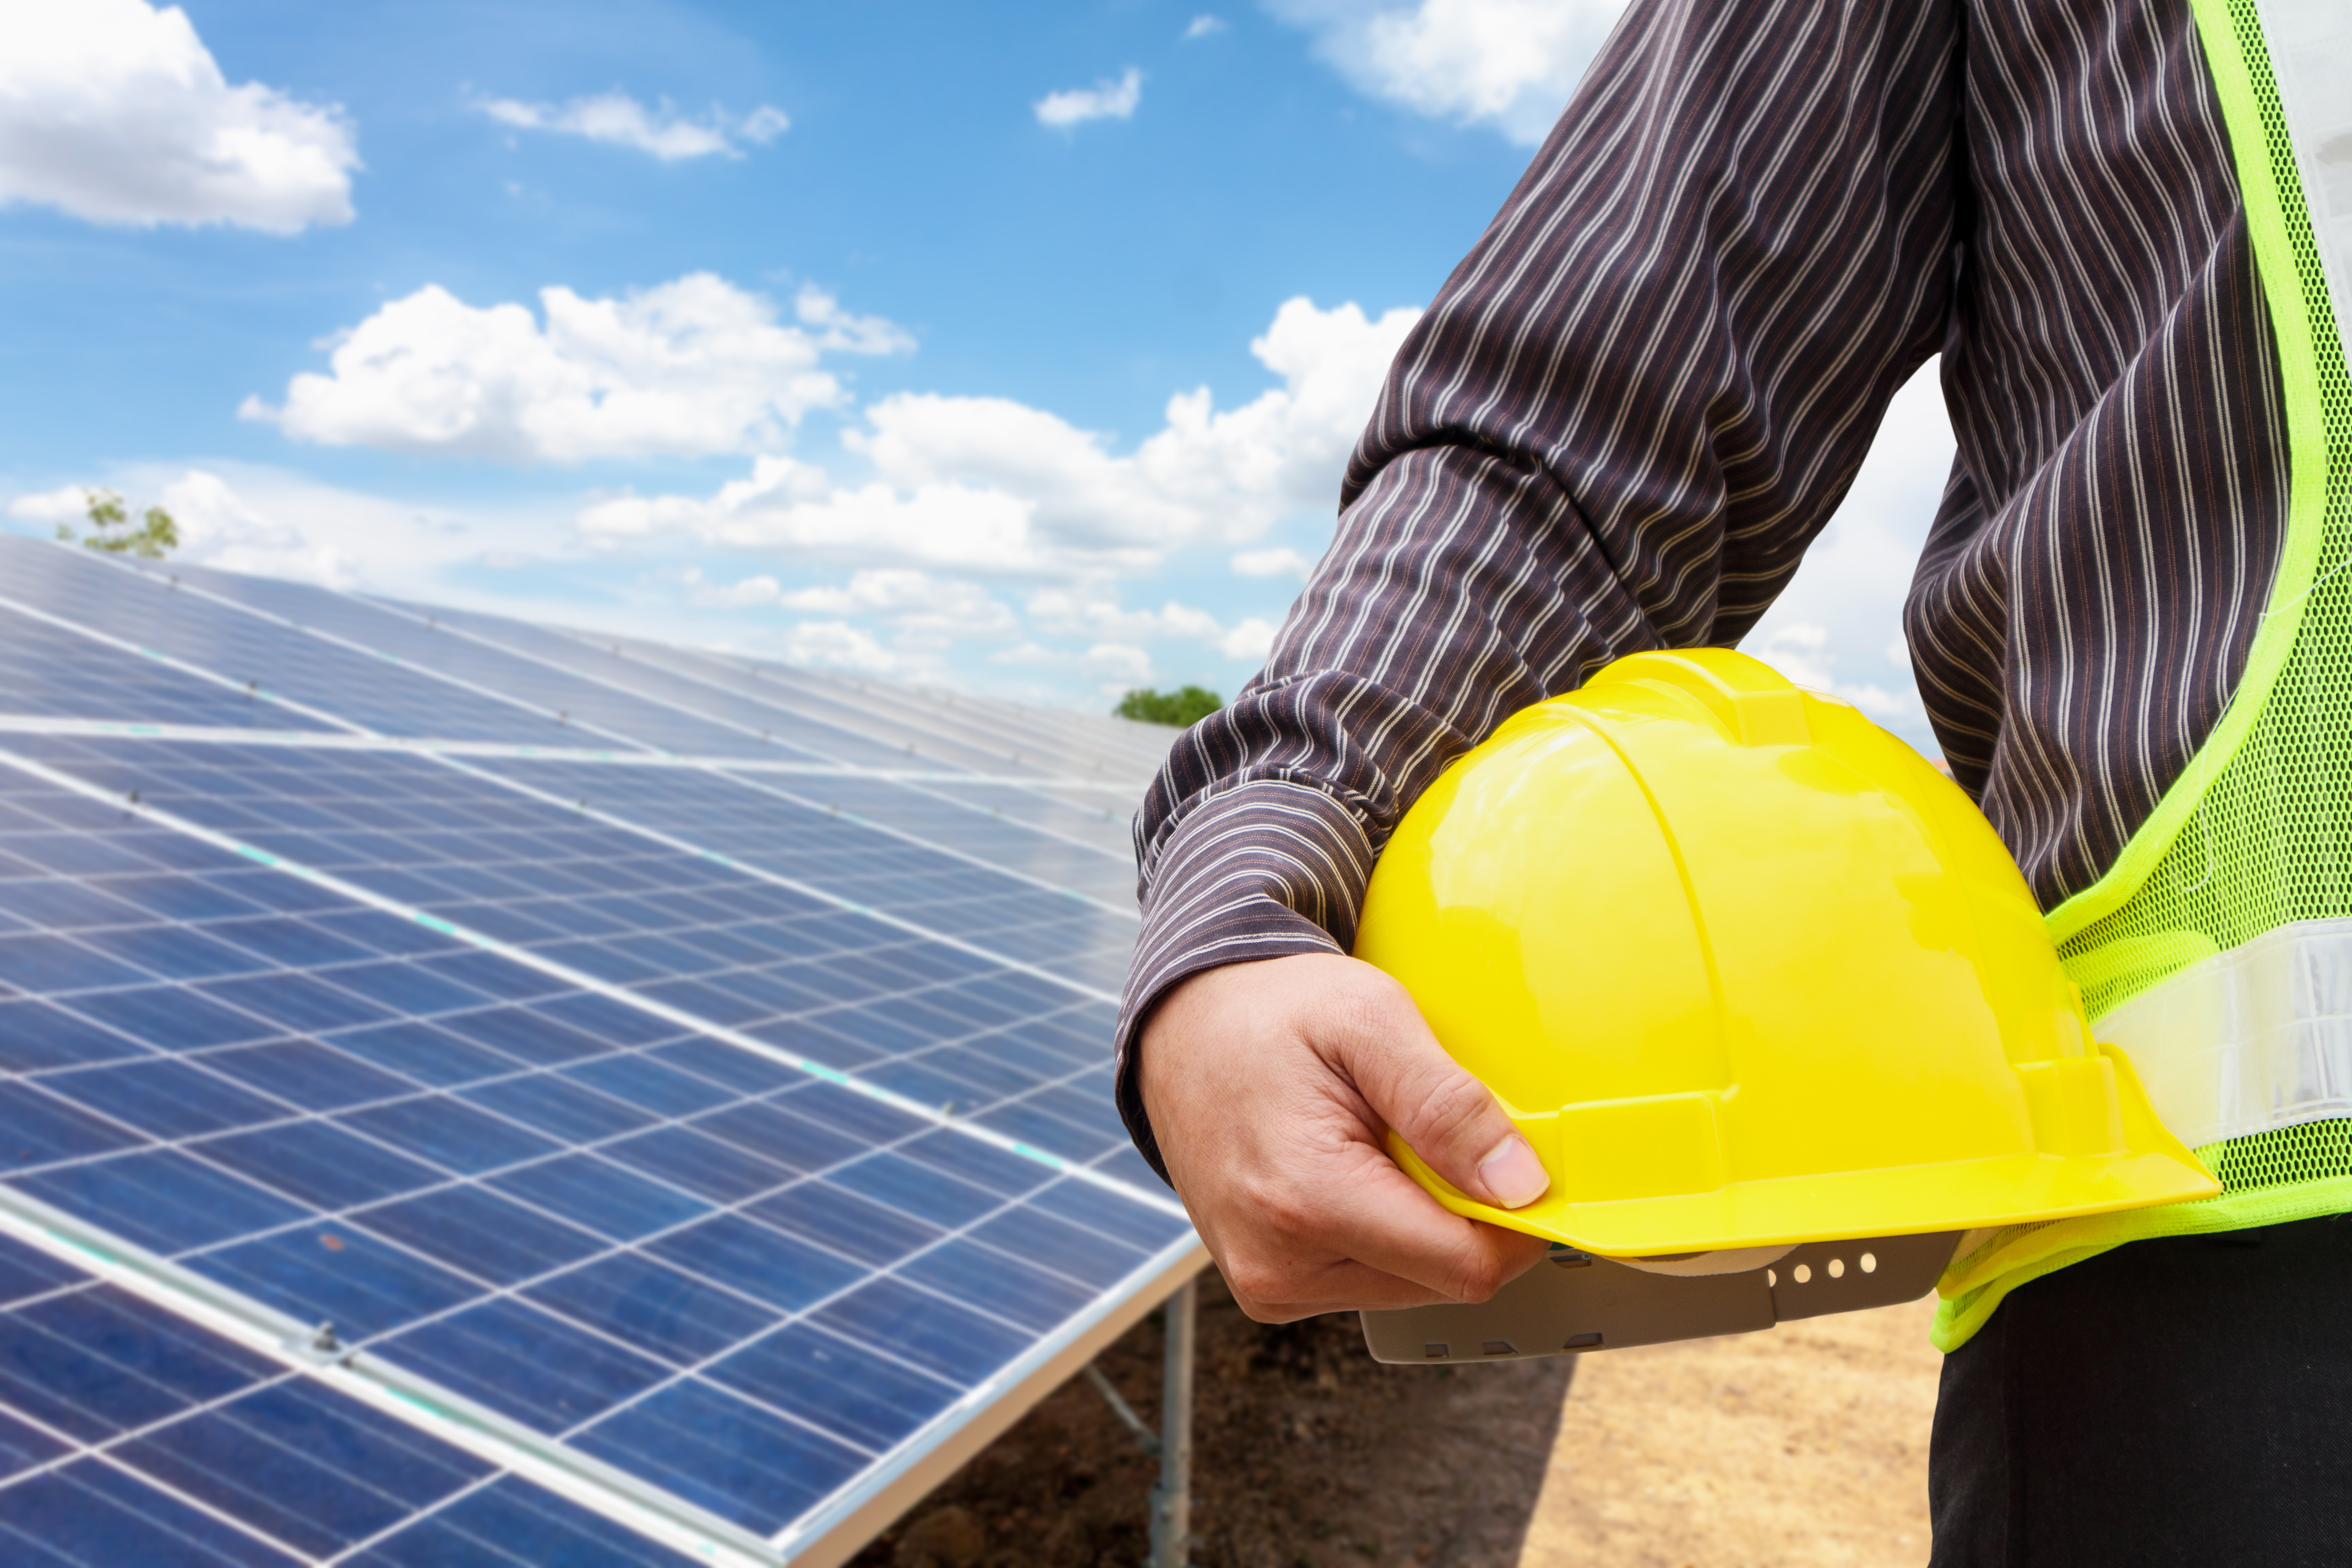 Imagem Riscos e soluções de segurança em sistemas fotovoltaicos - conheça o código NEC